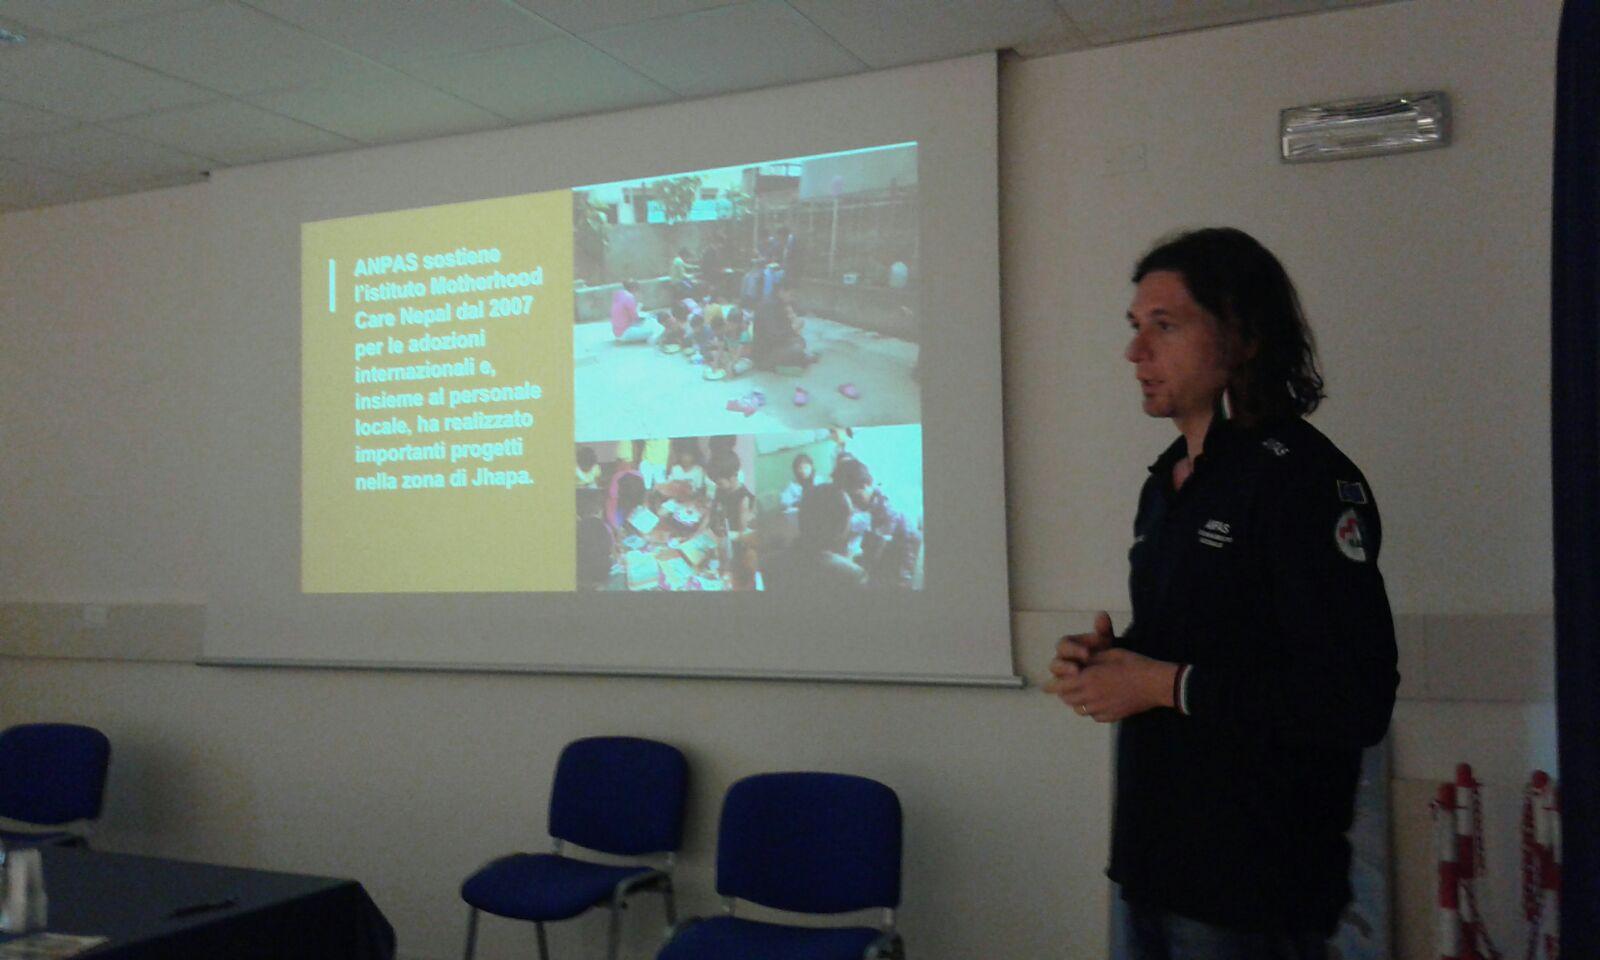 Carmine Lizza descrive il progetto Anpas in Nepal